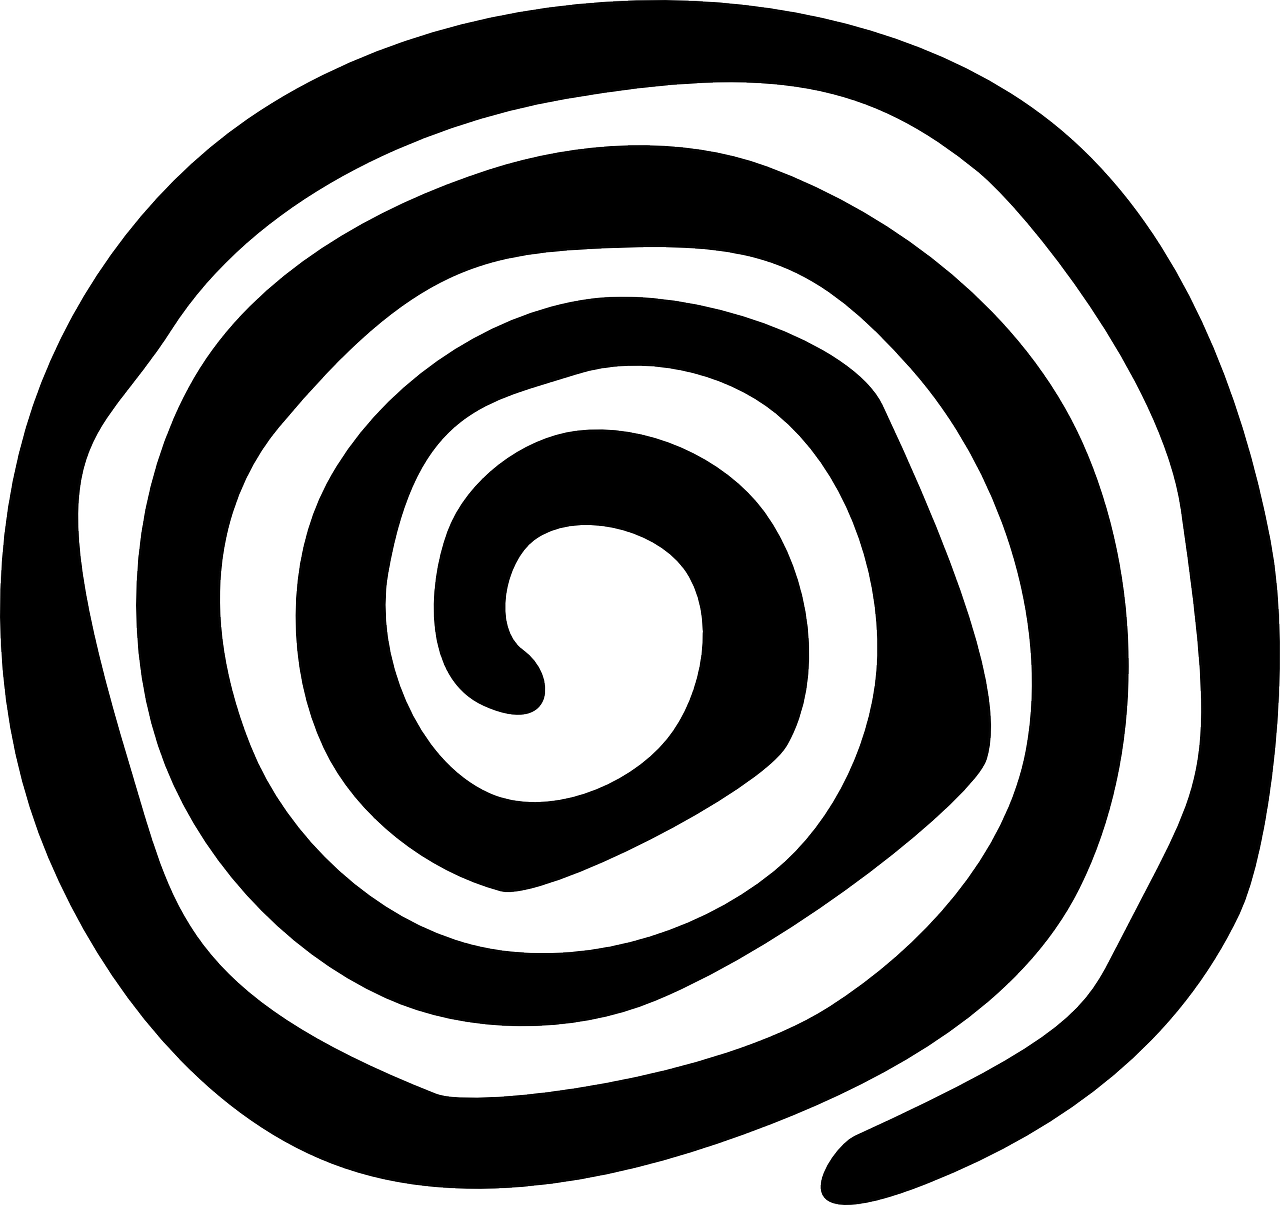 la-ronde-des-elements-cercle-mouvement-diane-enchanteresse-en-sante